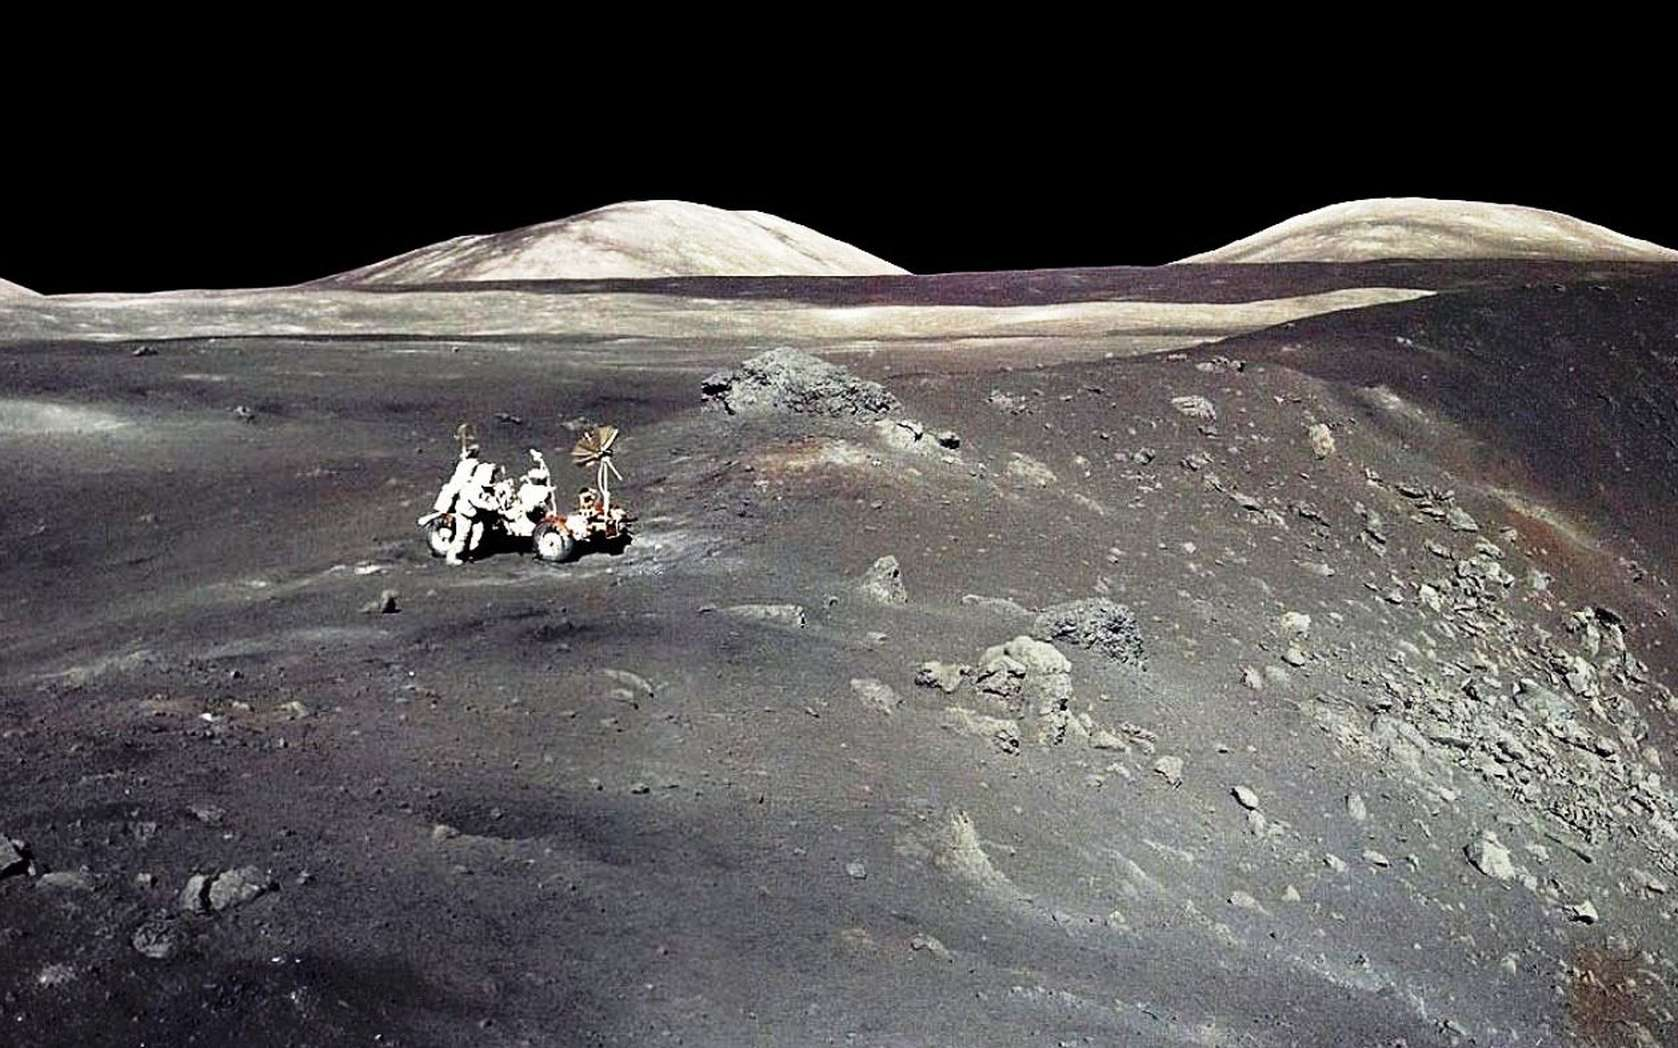 Une vue du cratère Shorty lors de la mission Apollo 17. © Nasa